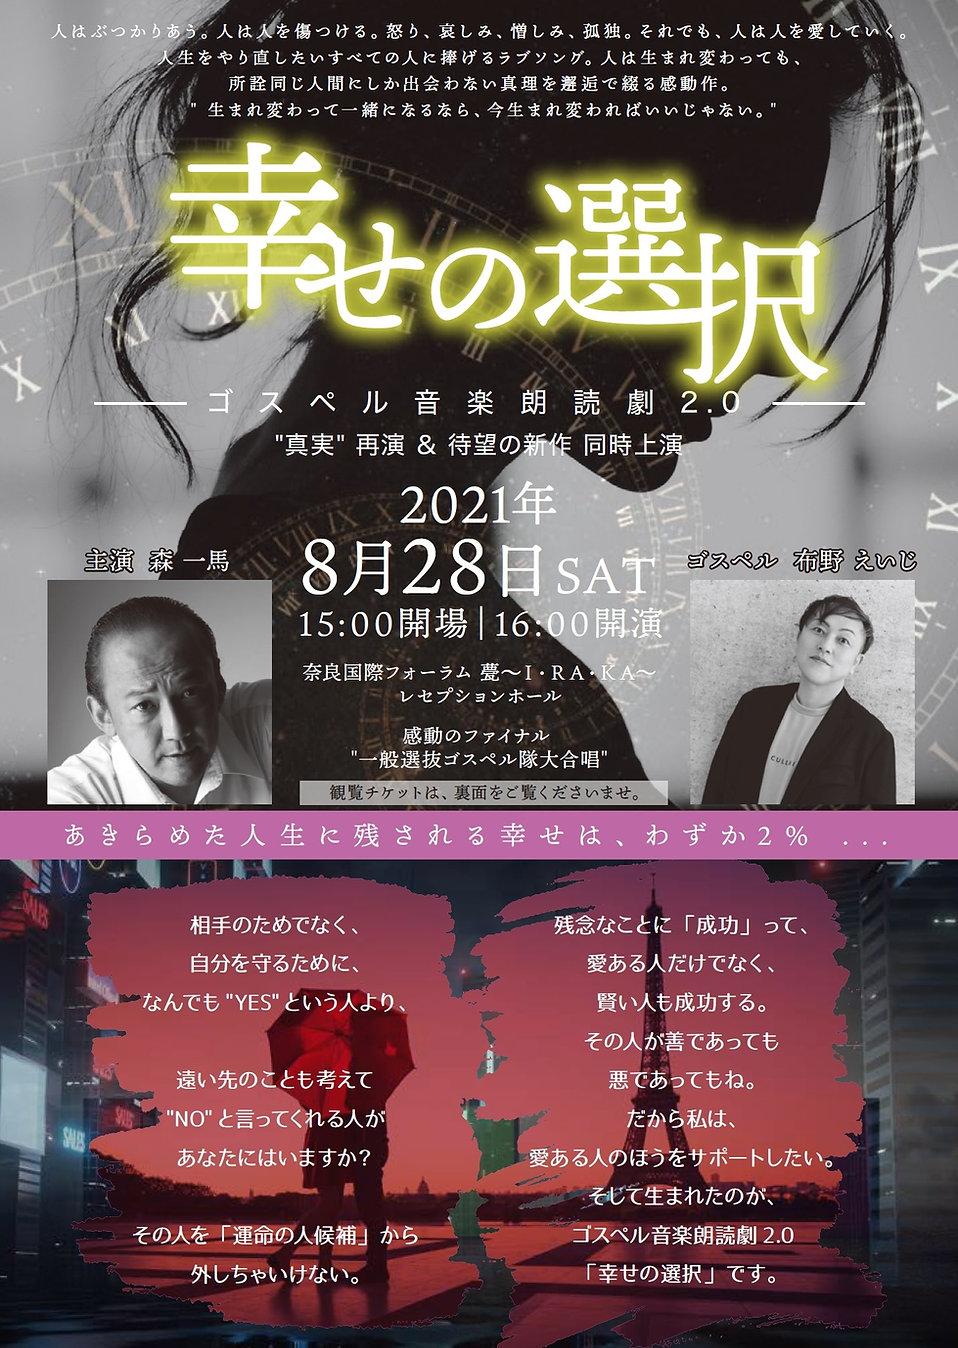 ゴスペル音楽朗読劇2.0 幸せの選択 奈良国際フォーラム 甍